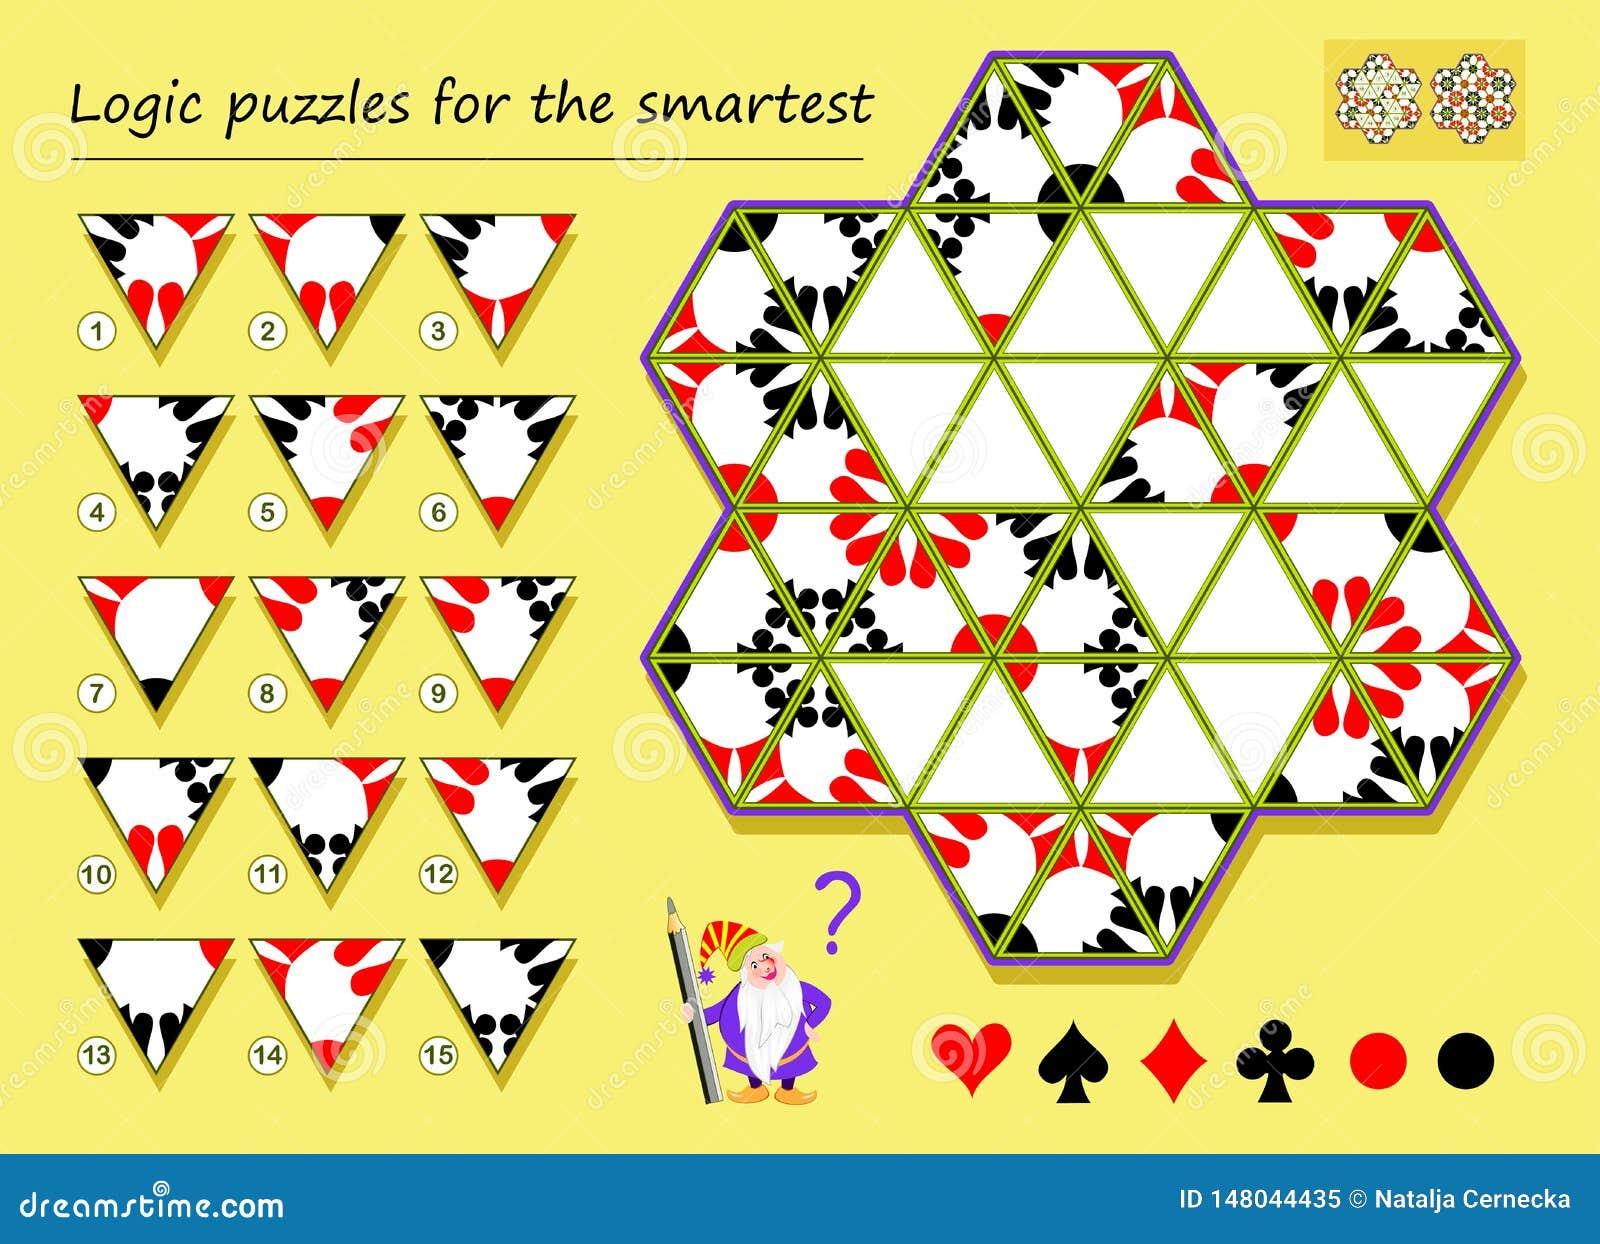 Logikpussellek för att mest smart behov ska finna de korrekta ställena för resterande trianglar och att dra dem